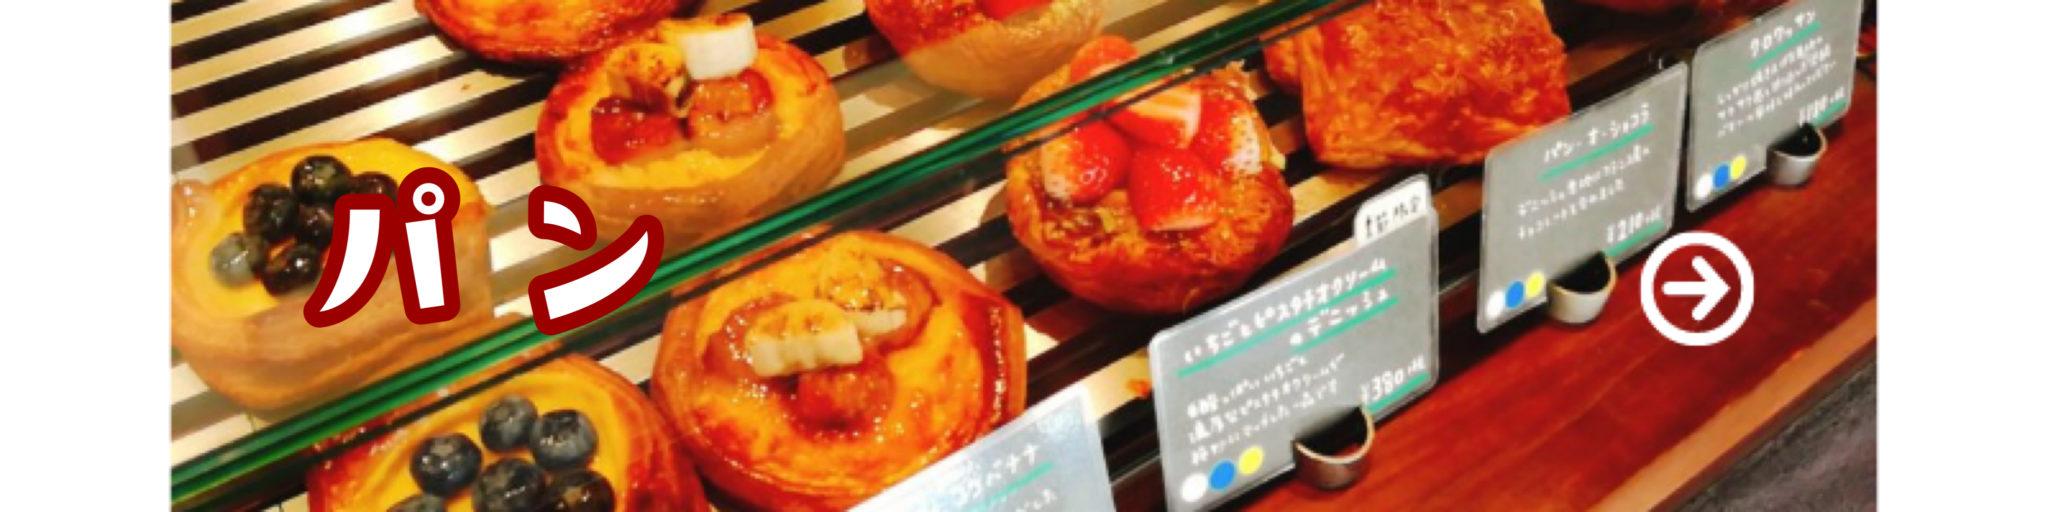 世田谷のパン ランキング